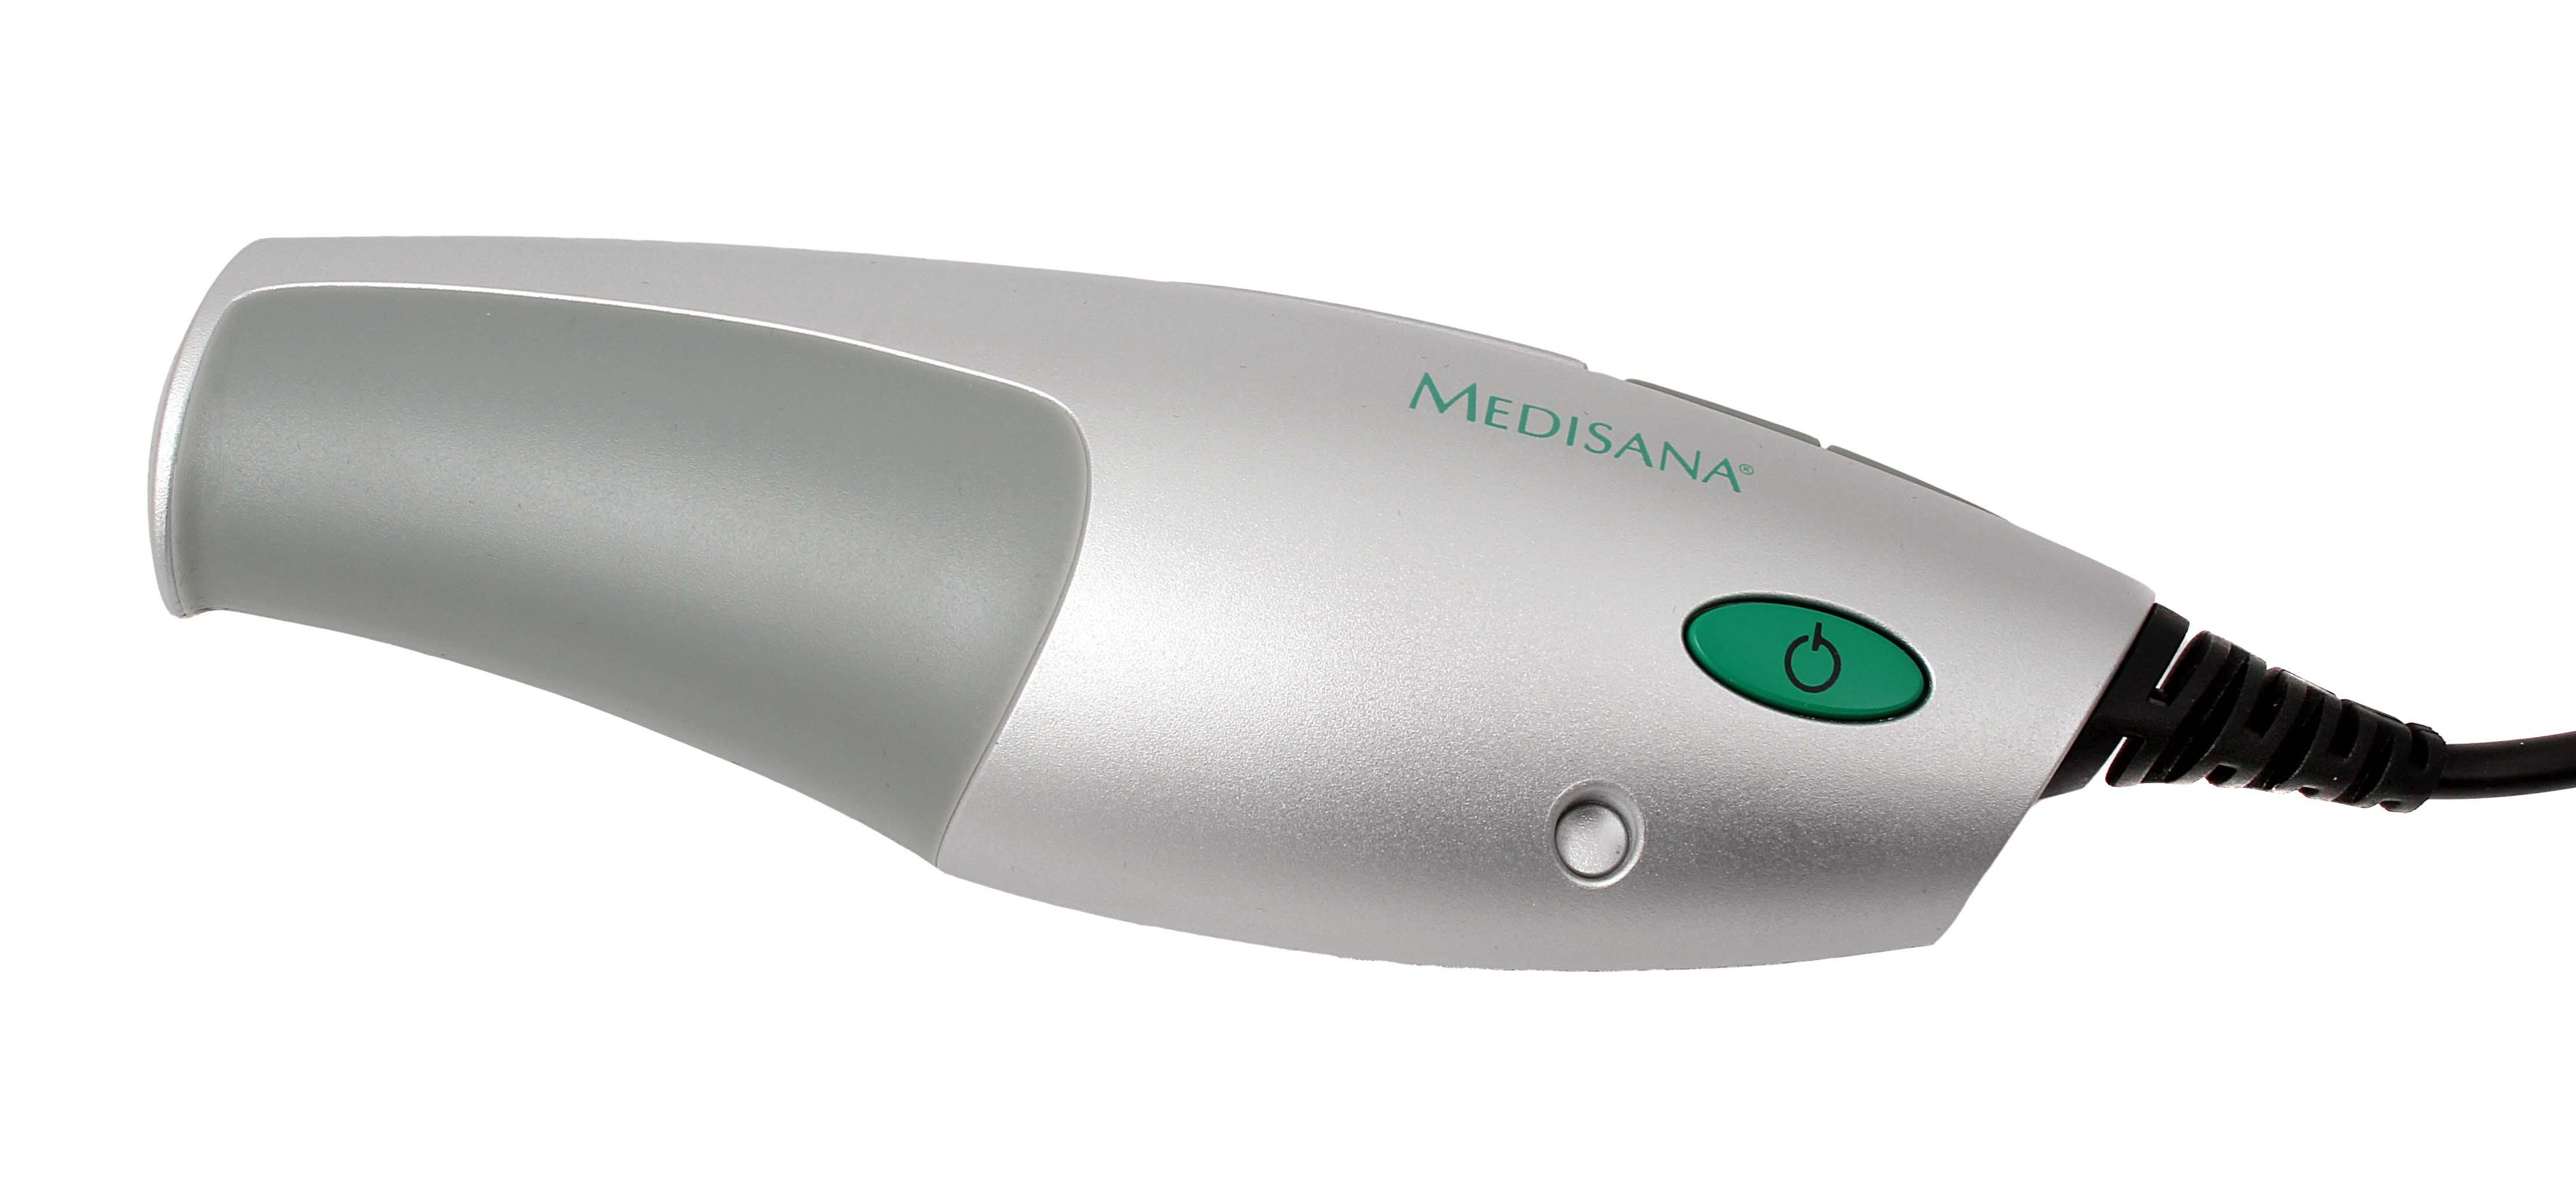 Маникюрные наборы Medisana Real Brand Technics 3330.000